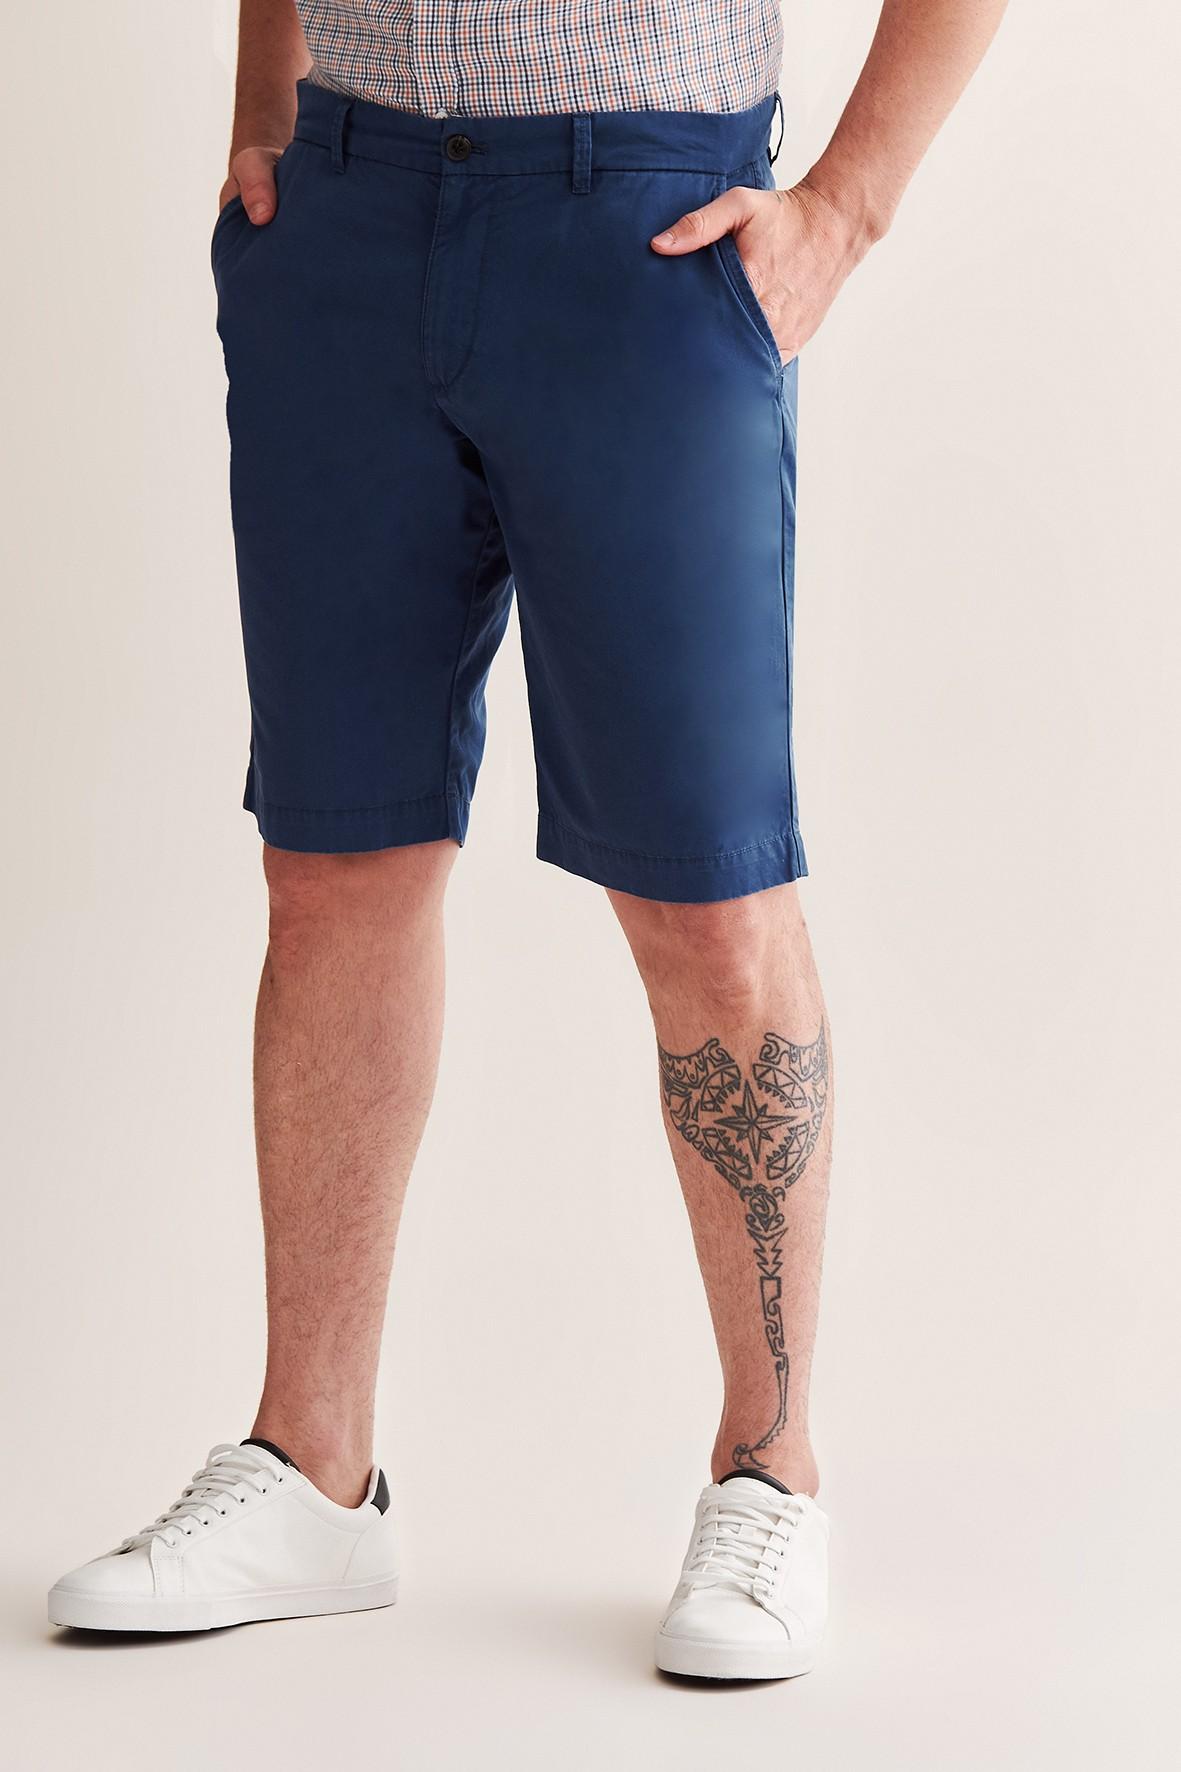 Bawełniane szorty  męskie Tatuum - granatowe